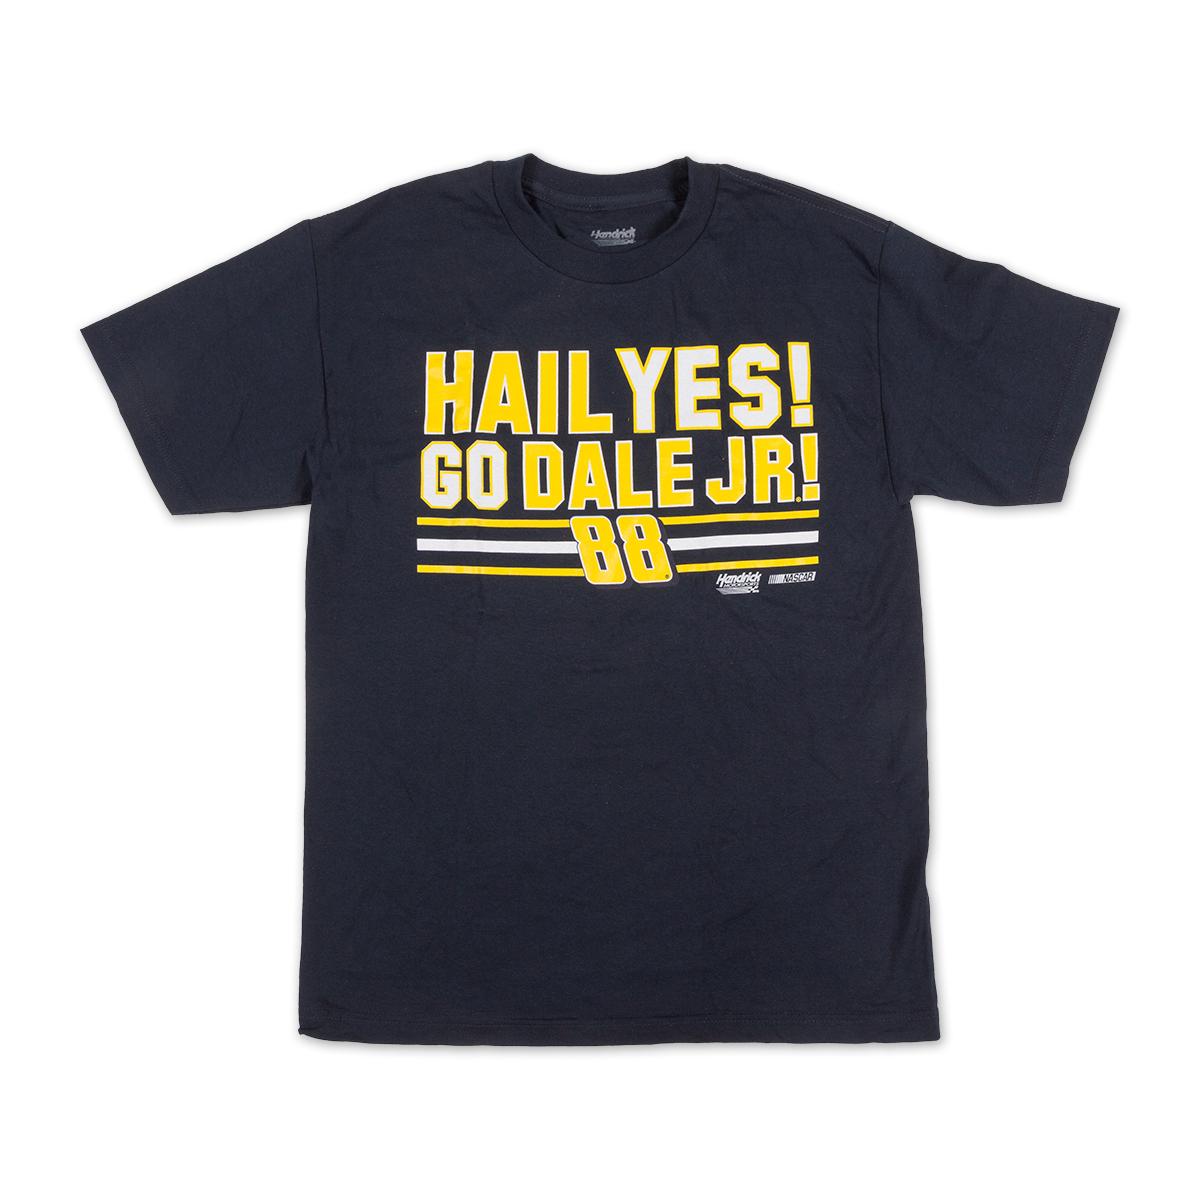 Dale Jr. #88 Axalta Hail Yes T-shirt